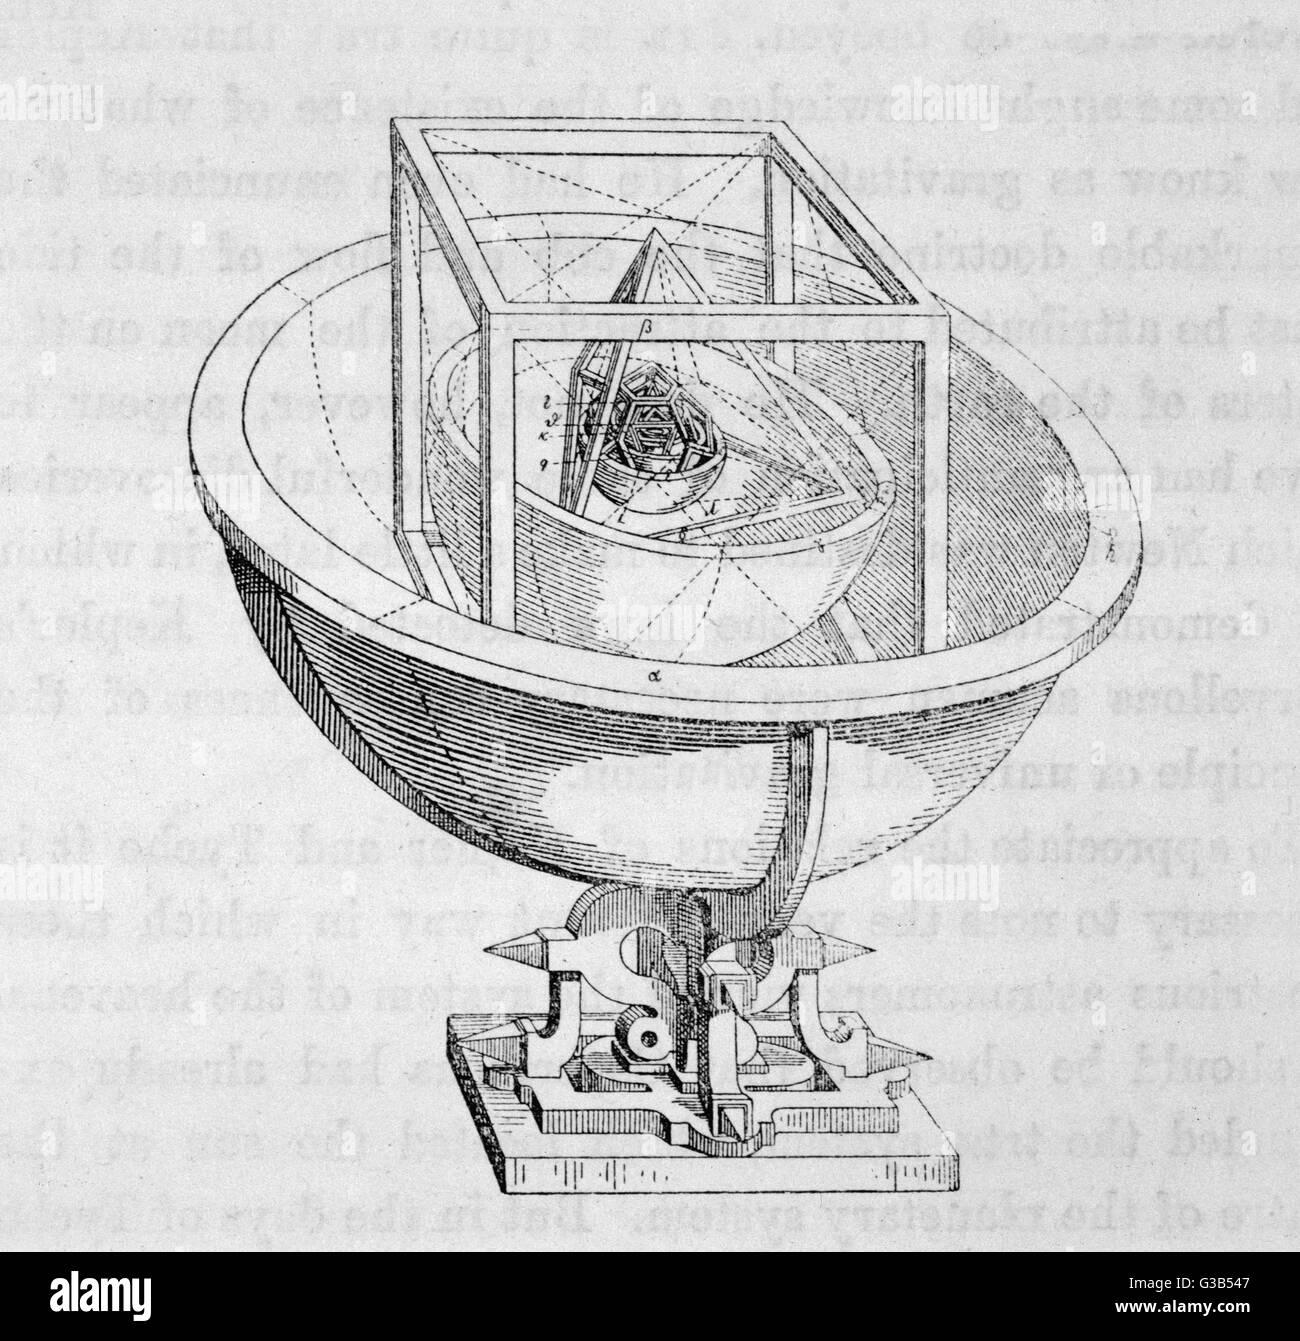 Model of Kepler's  planetary system        Date: 1609 - Stock Image